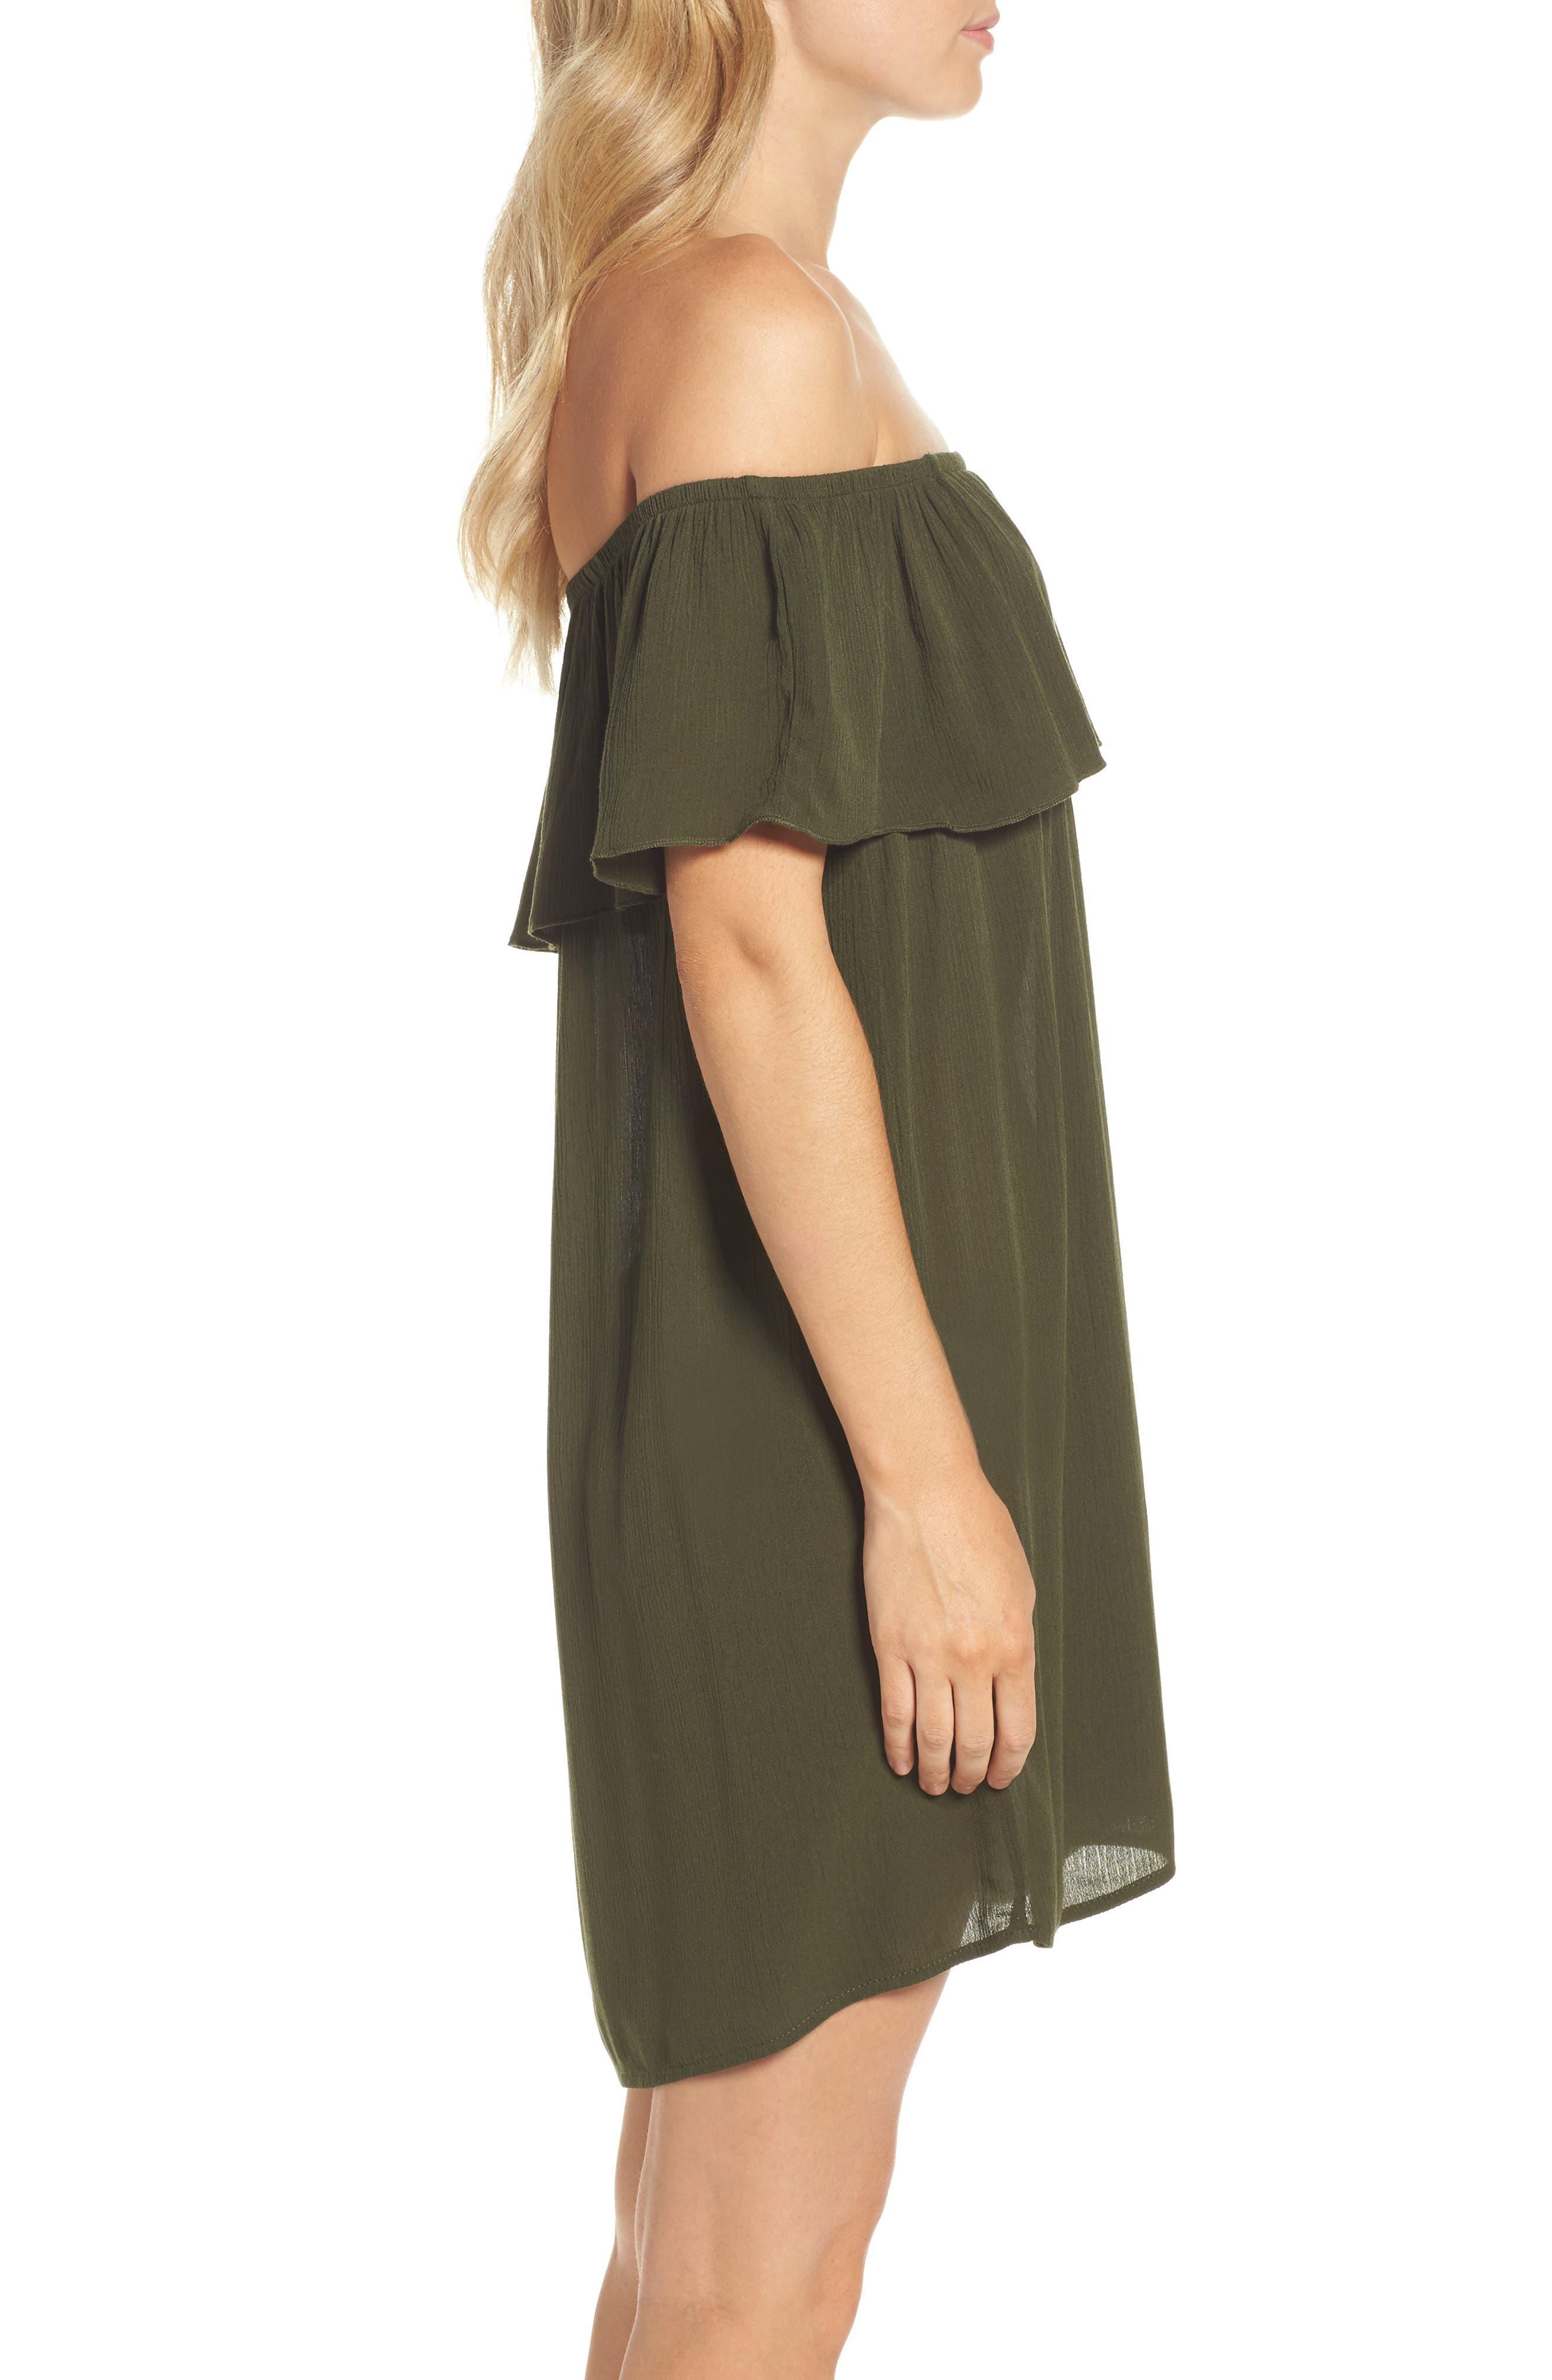 Southern Belle Off the Shoulder Cover-Up Dress,                             Alternate thumbnail 3, color,                             Bay Leaf